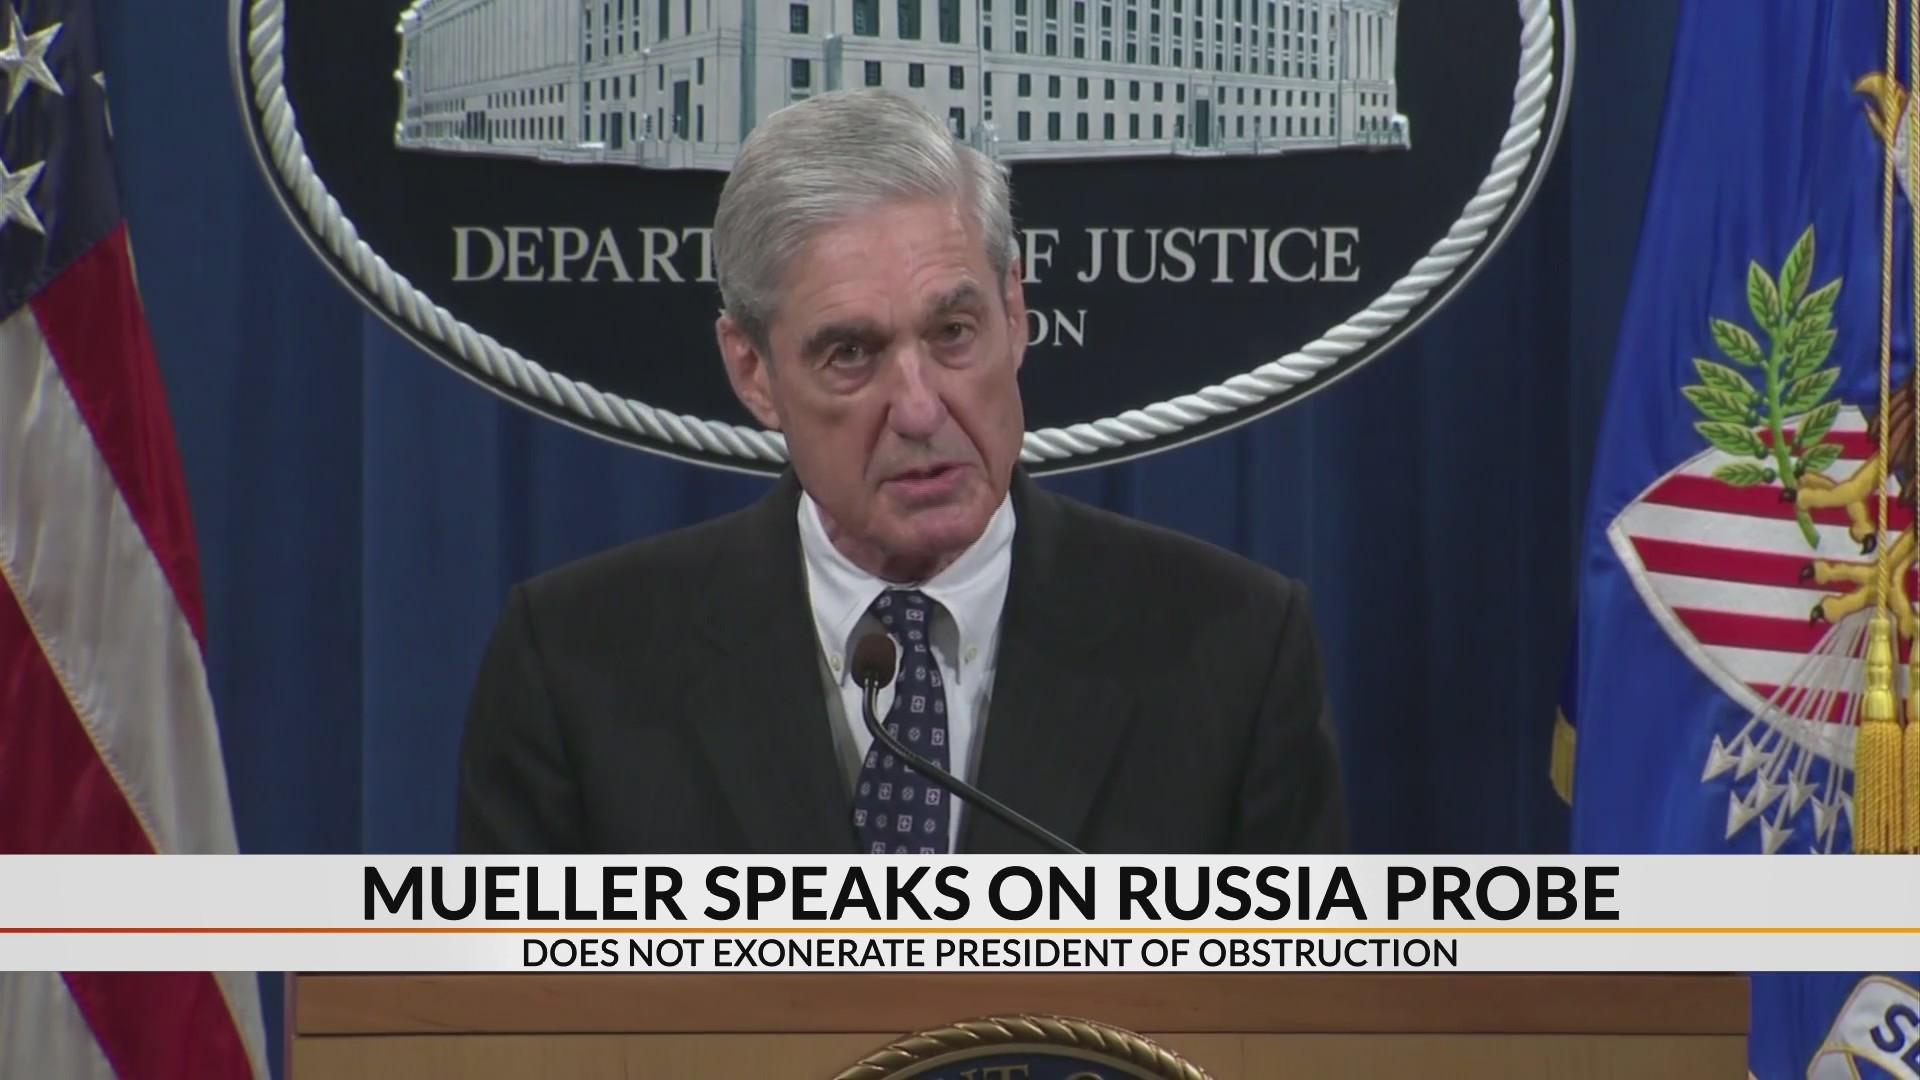 Mueller_speaks_on_Russia_probe_0_20190530094258